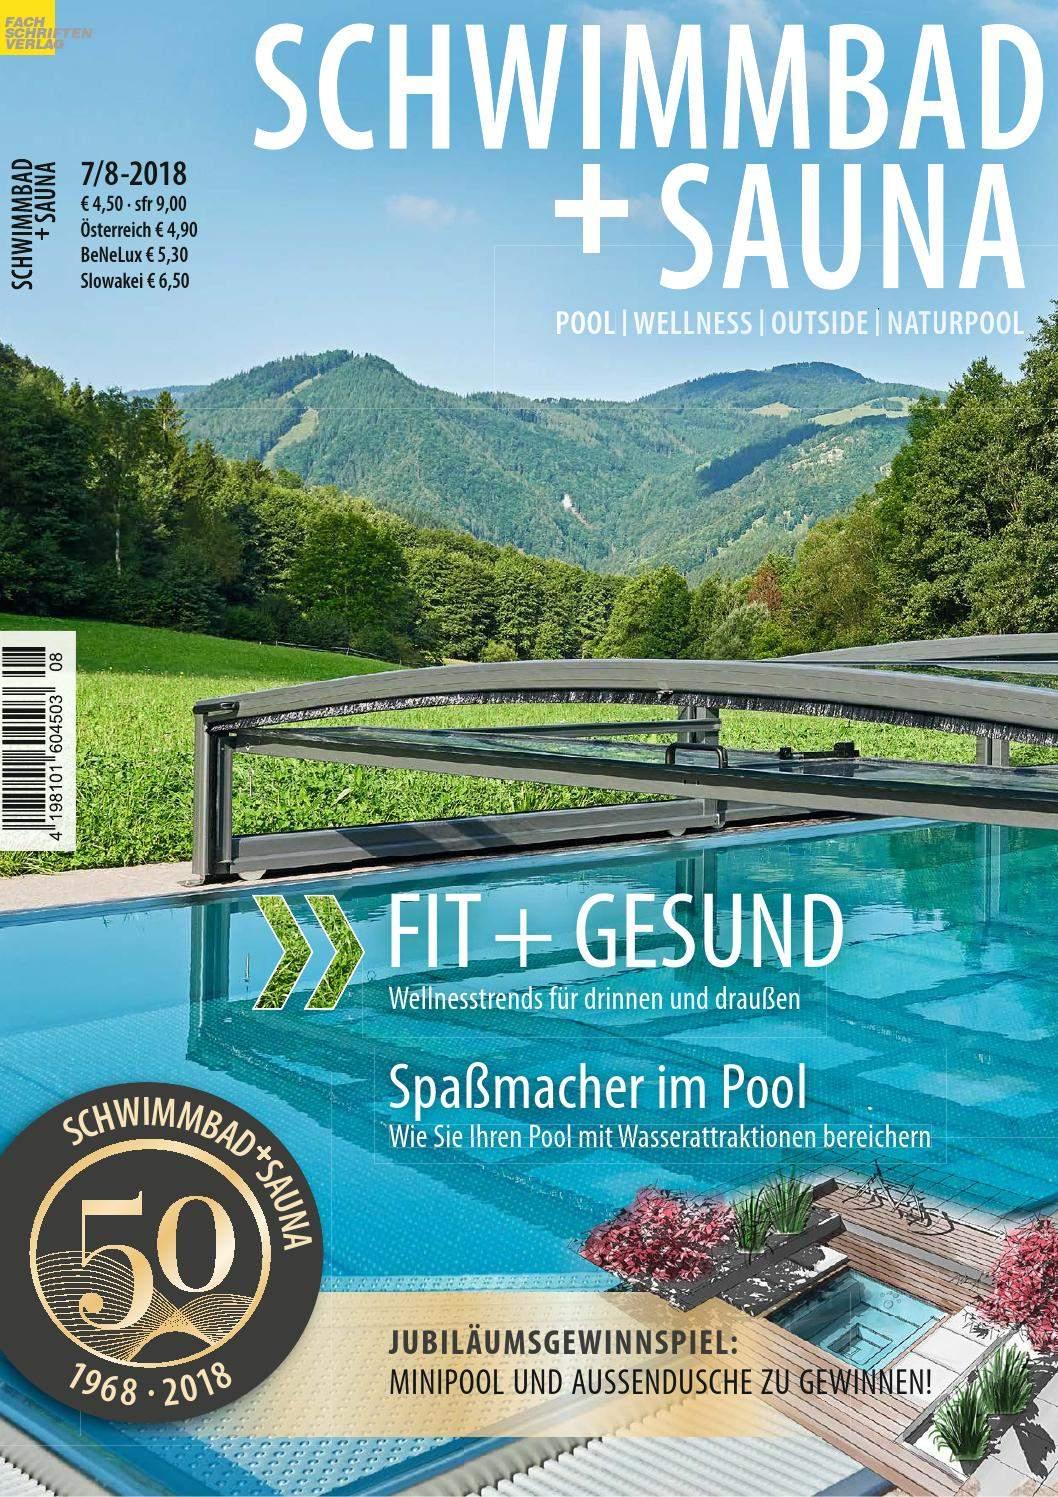 Sauna Garten Genial Schwimmbad Sauna 7 8 2018 by Fachschriften Verlag issuu